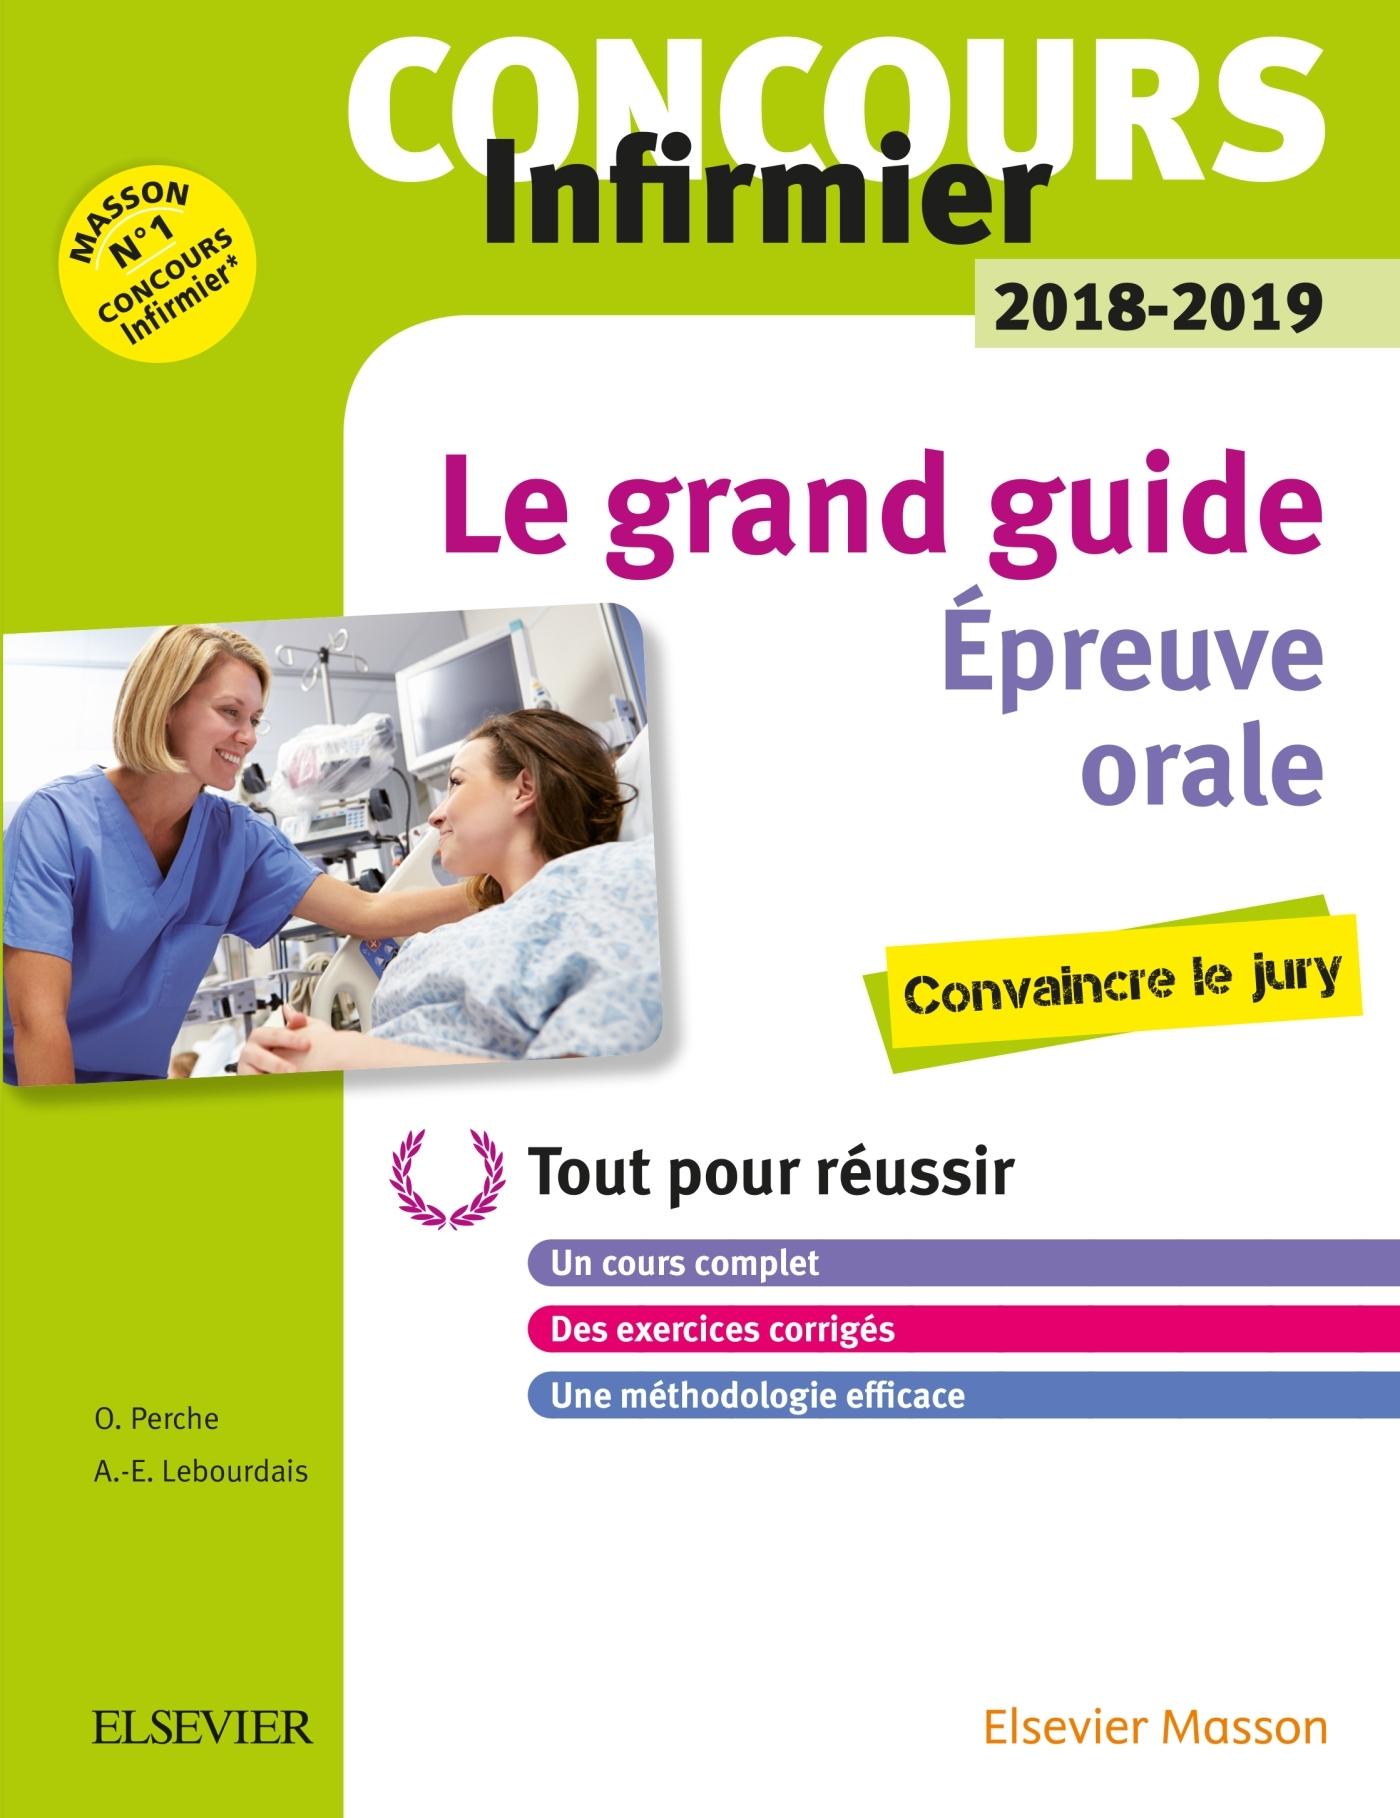 CONCOURS INFIRMIER 2018-2019 EPREUVE ORALE LE GRAND GUIDE